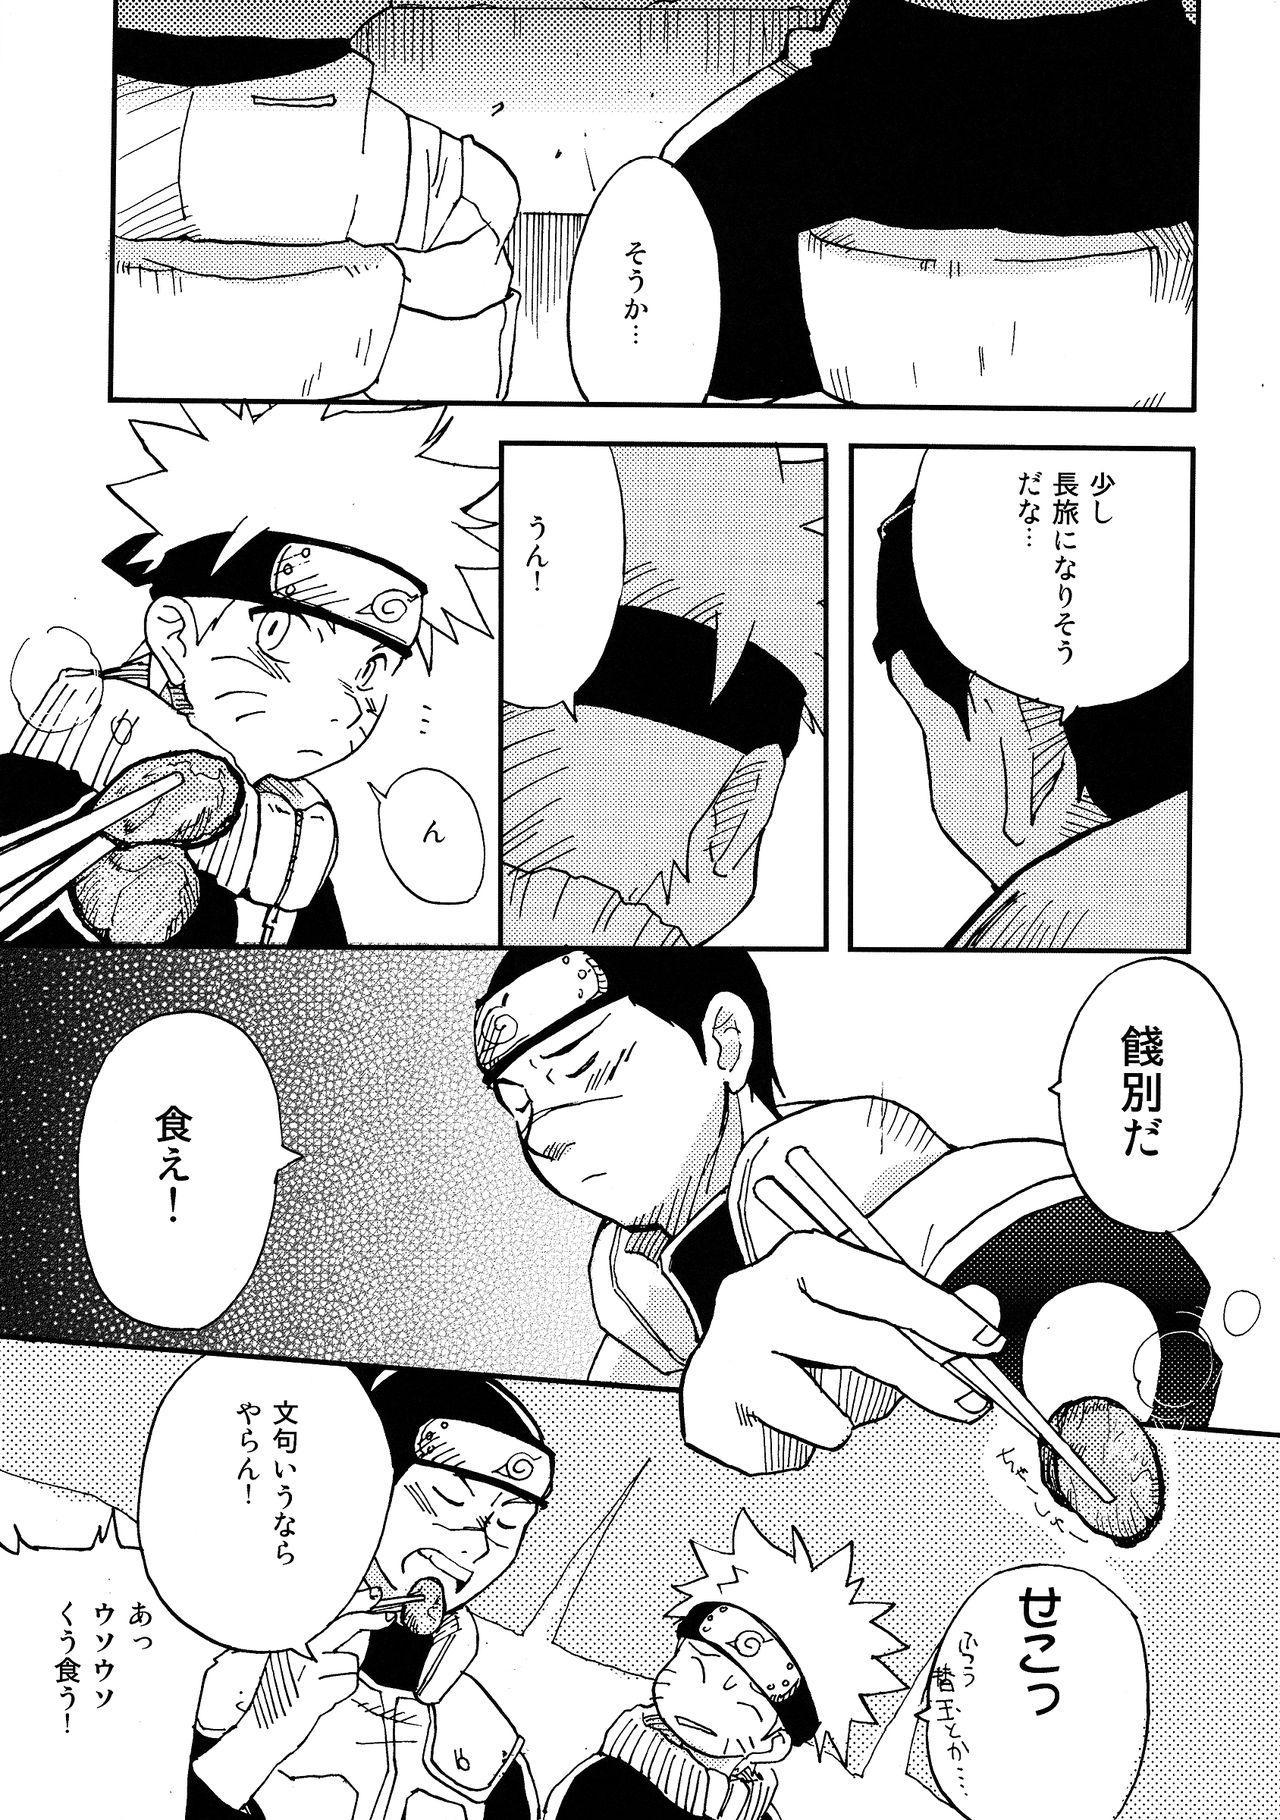 IruNaru no Wadachi 67